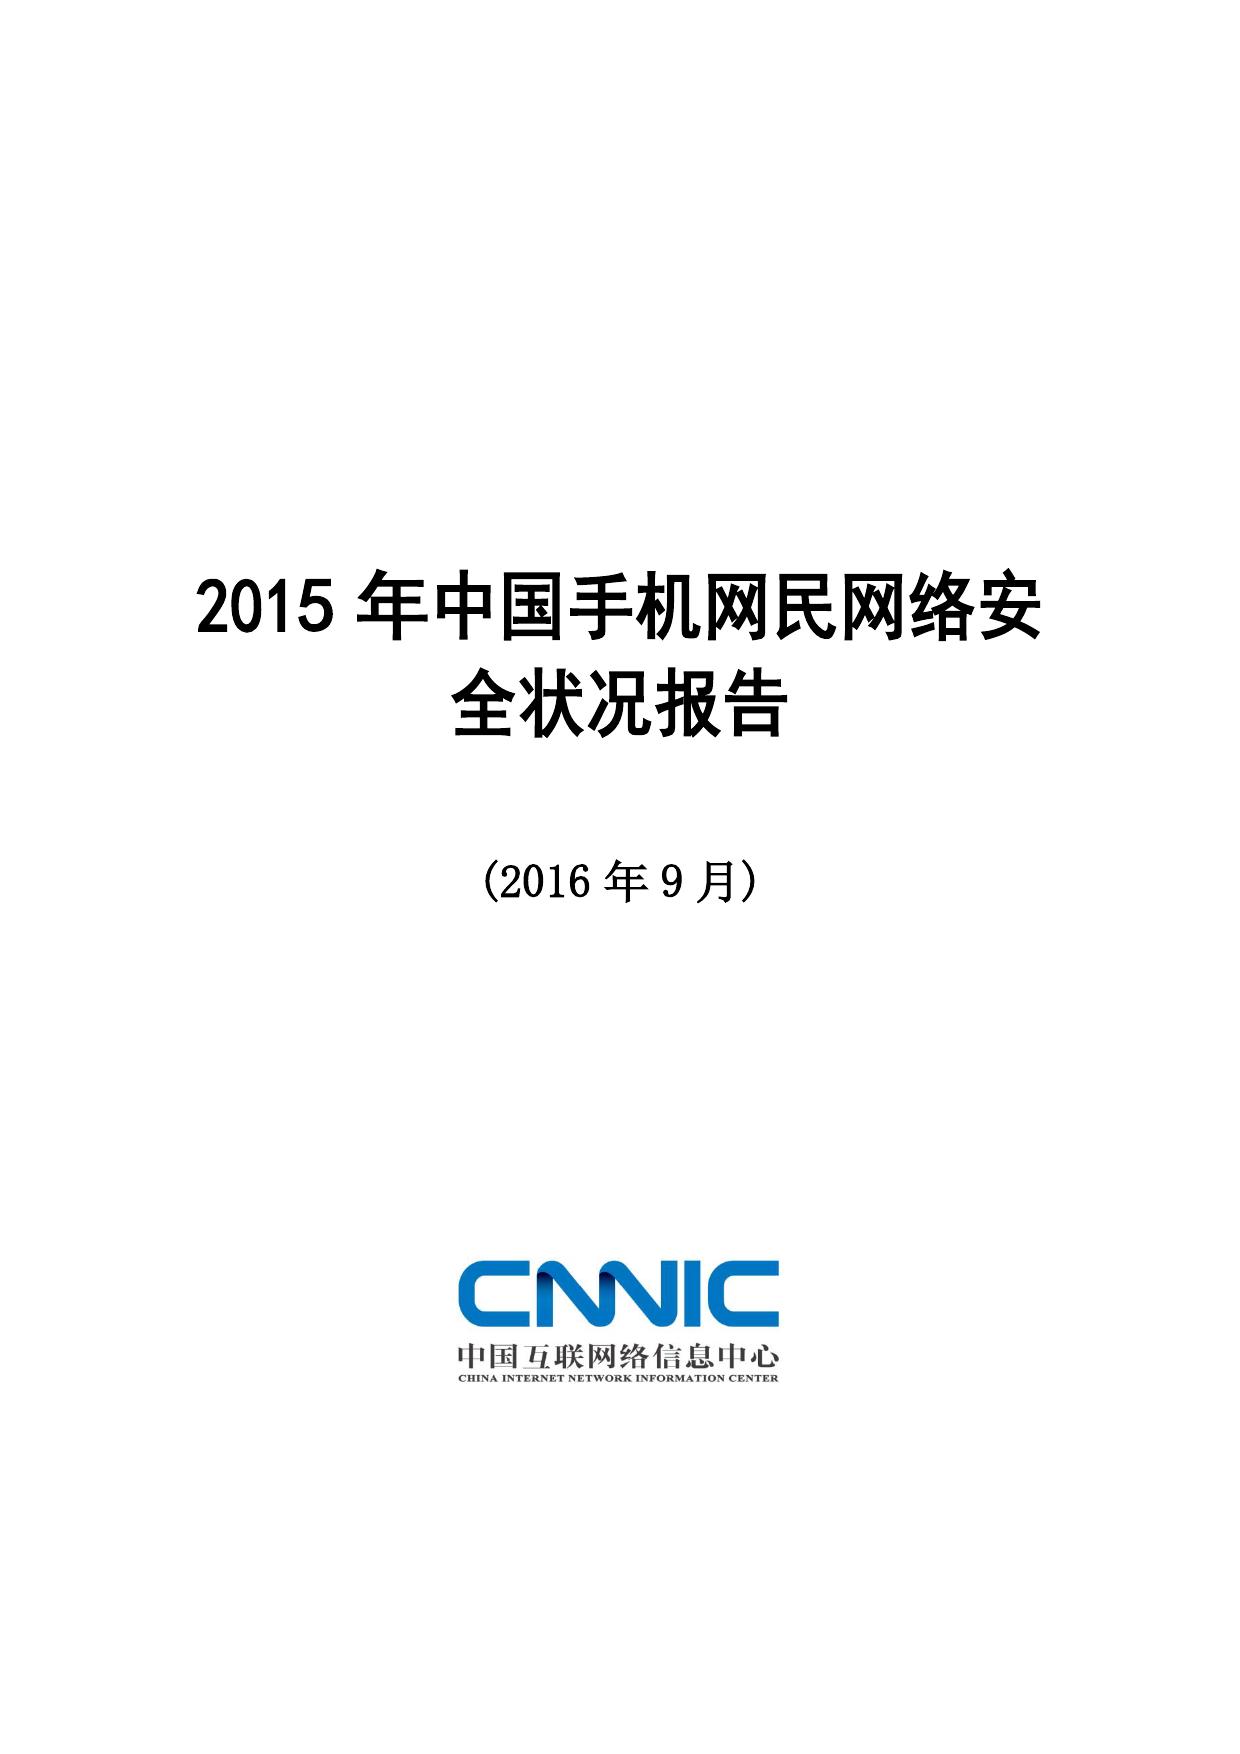 2015年中国手机网民网络安全状况报告_000001